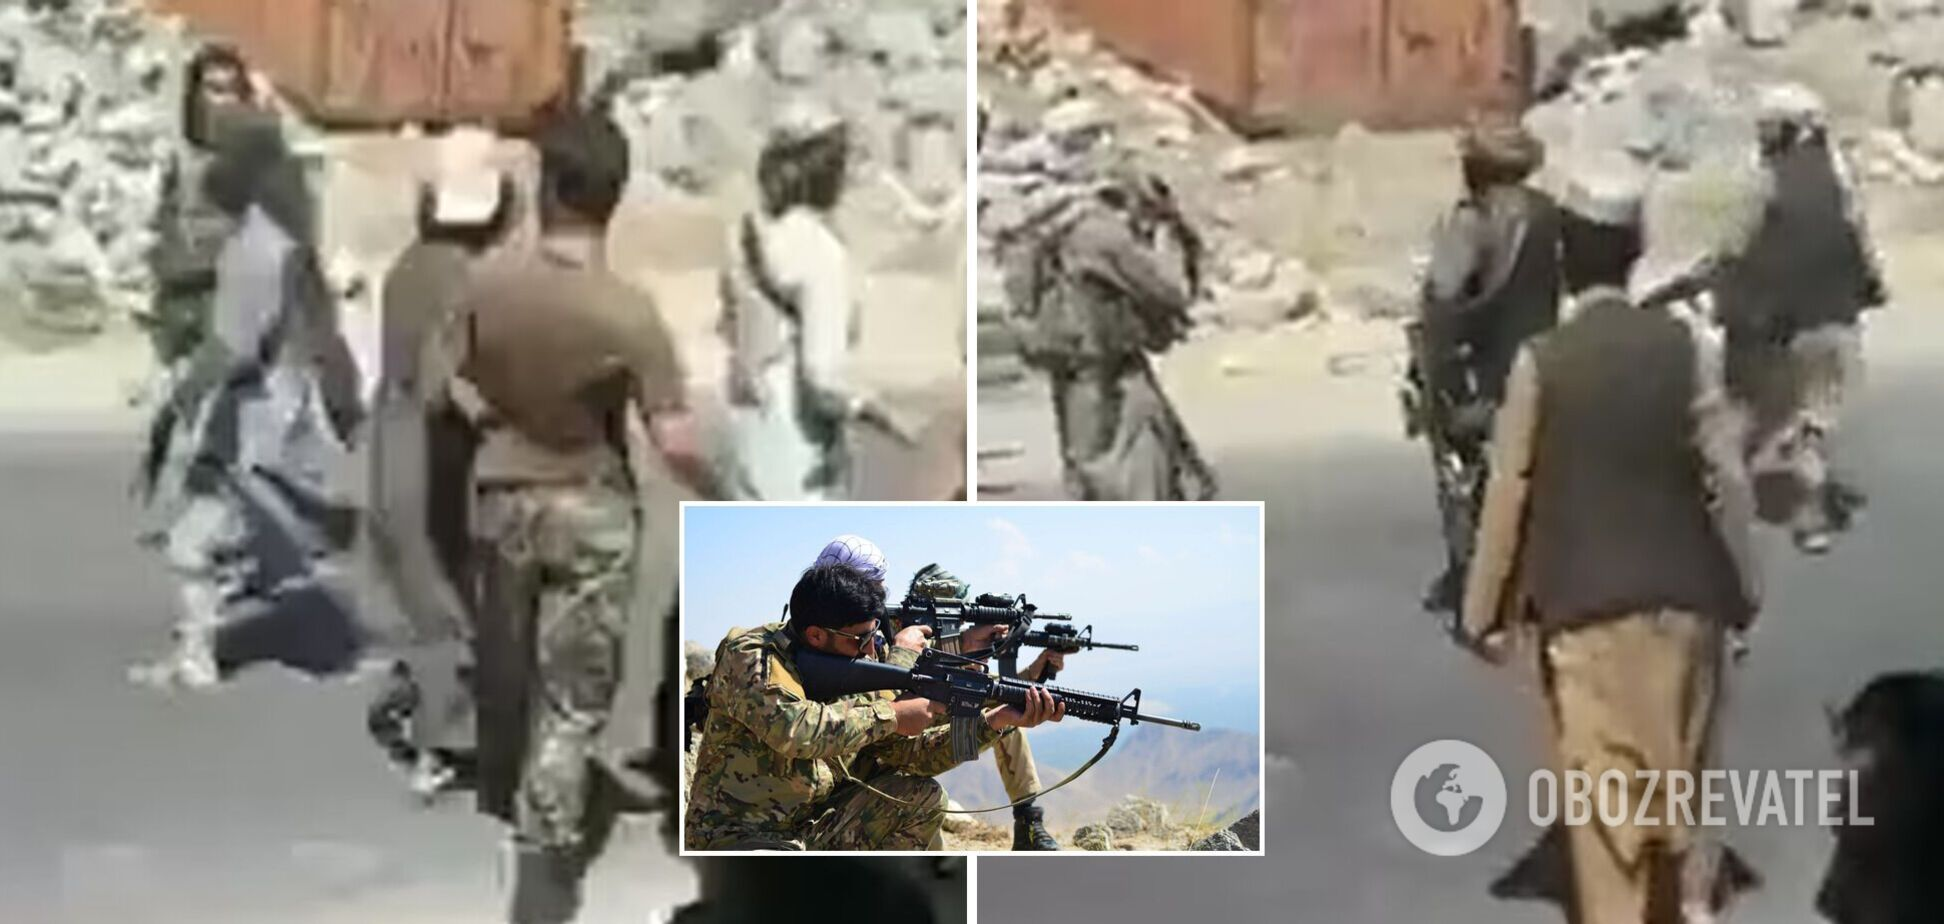 Талибы проводят массовые расправы в захваченном Панджшере: момент казни афганца попал на видео. 18+